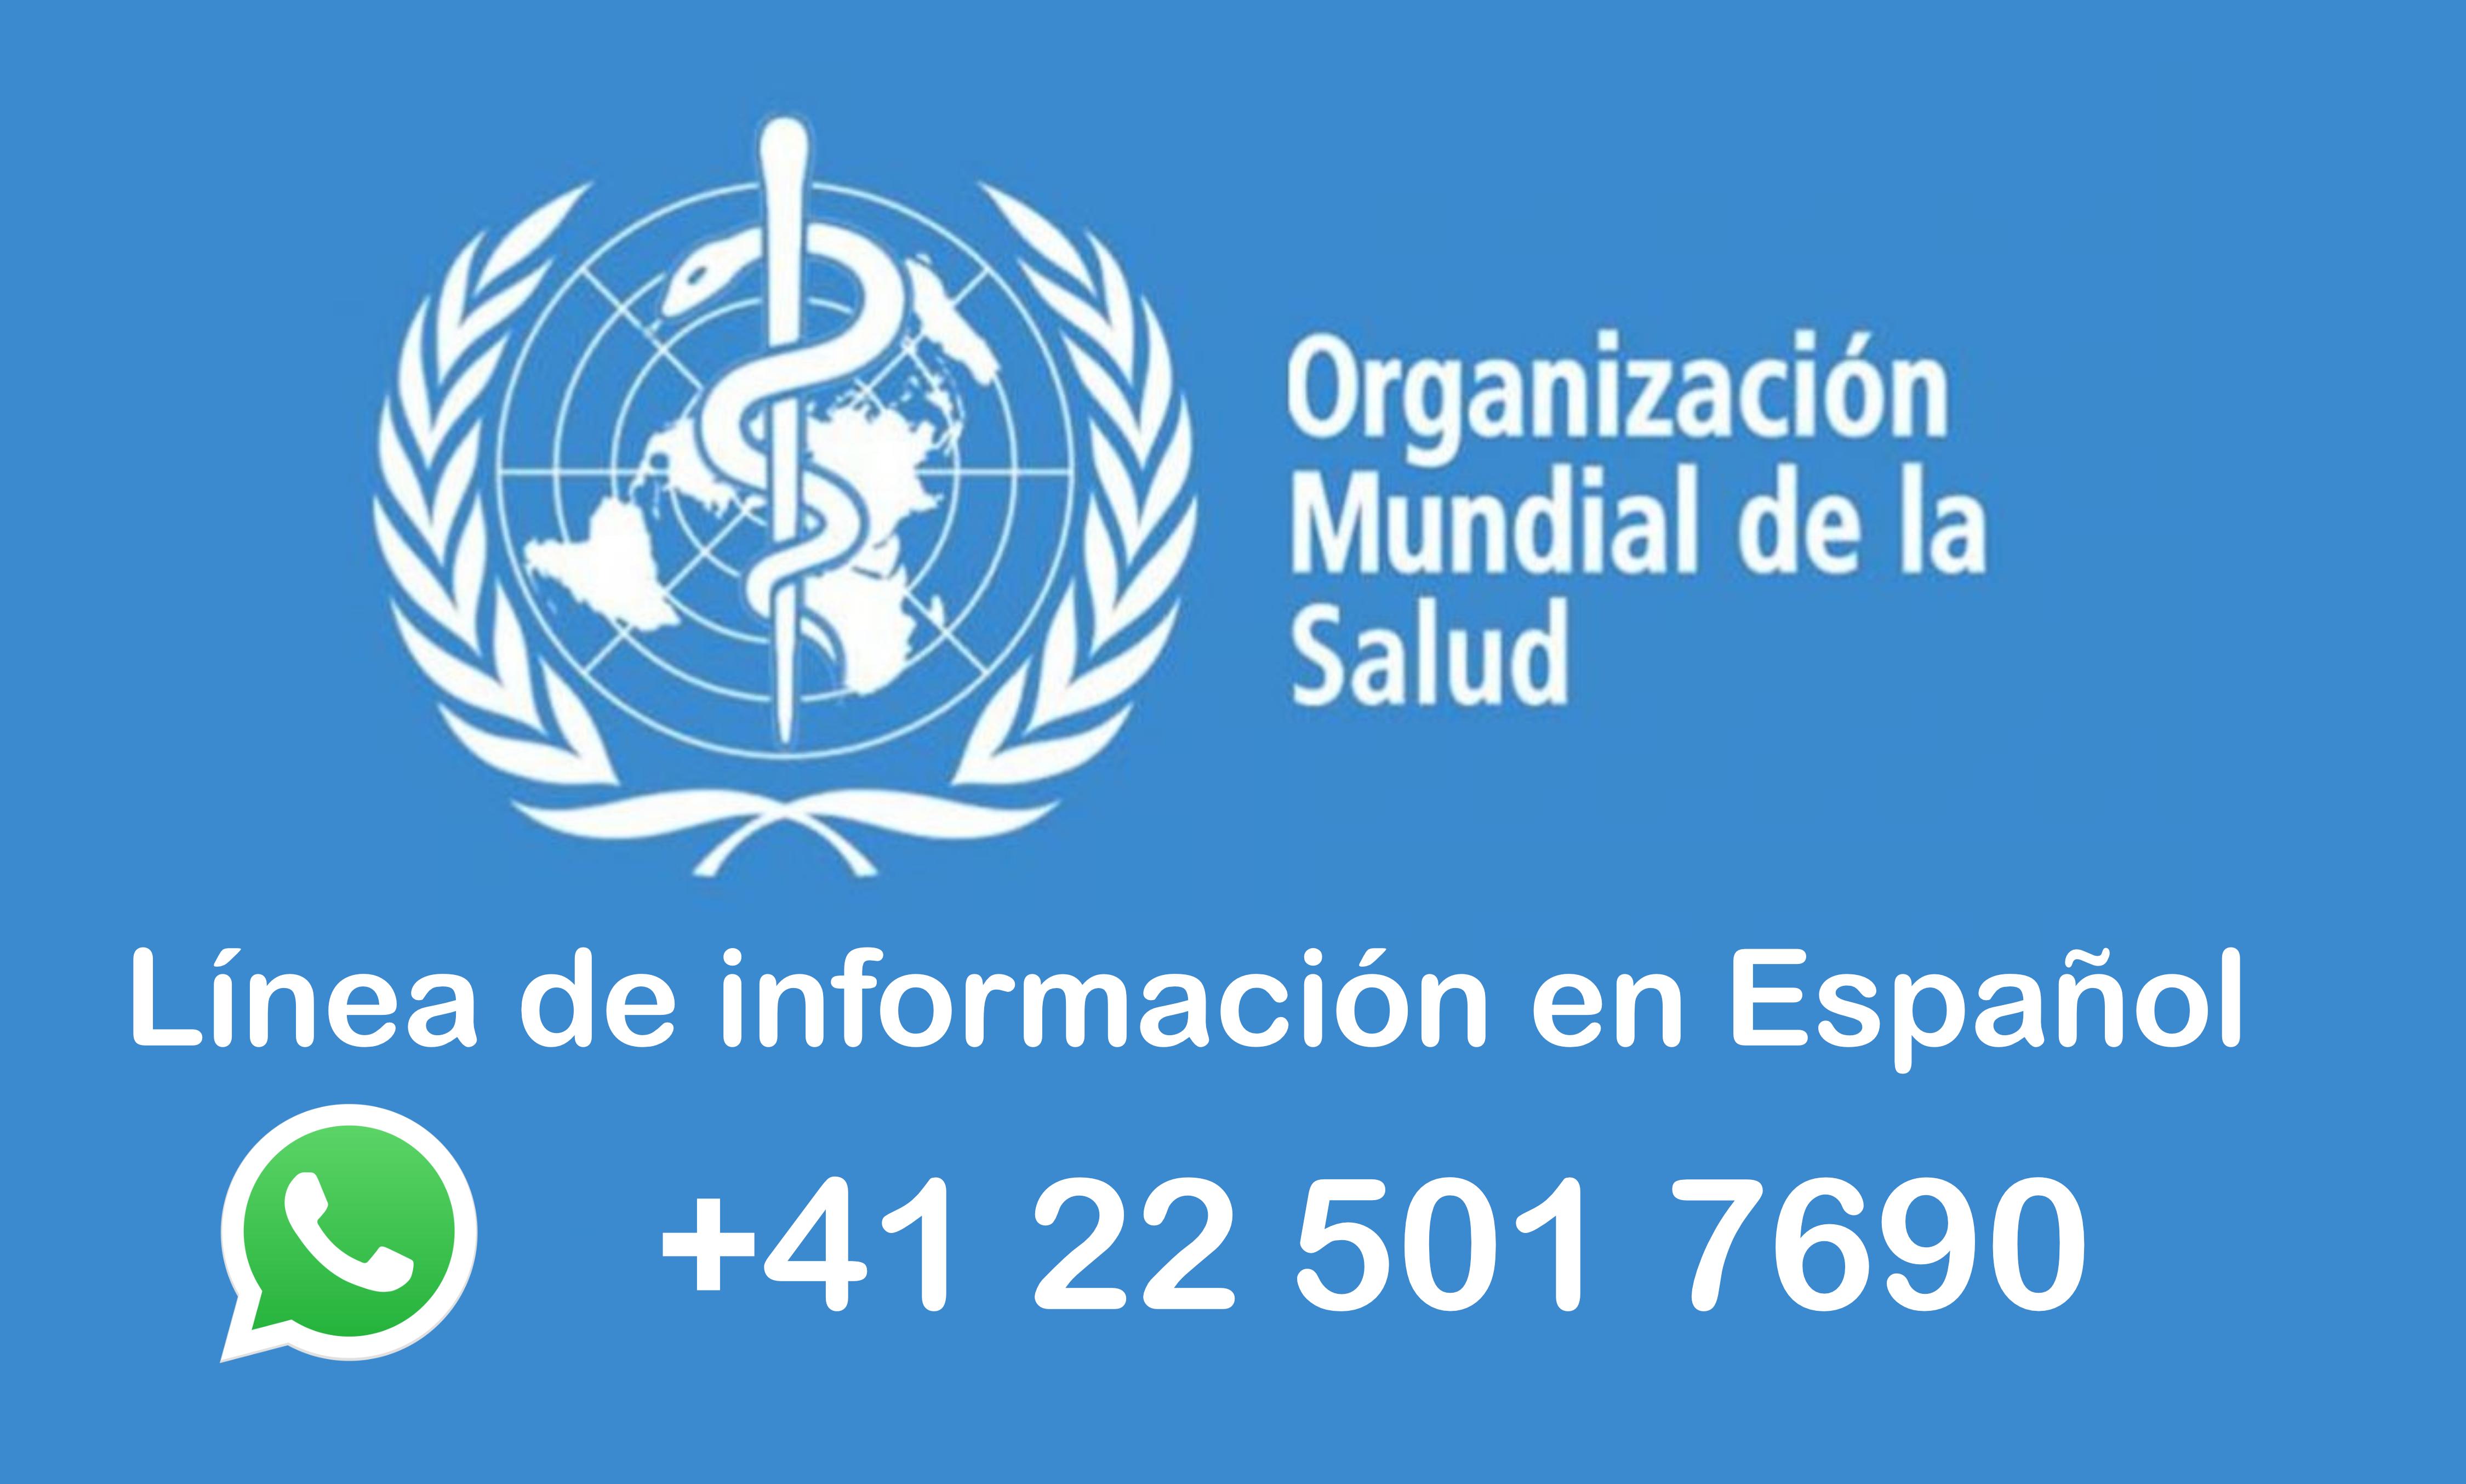 OMS combate la desinformación abriendo Whatsapp para informar en Español